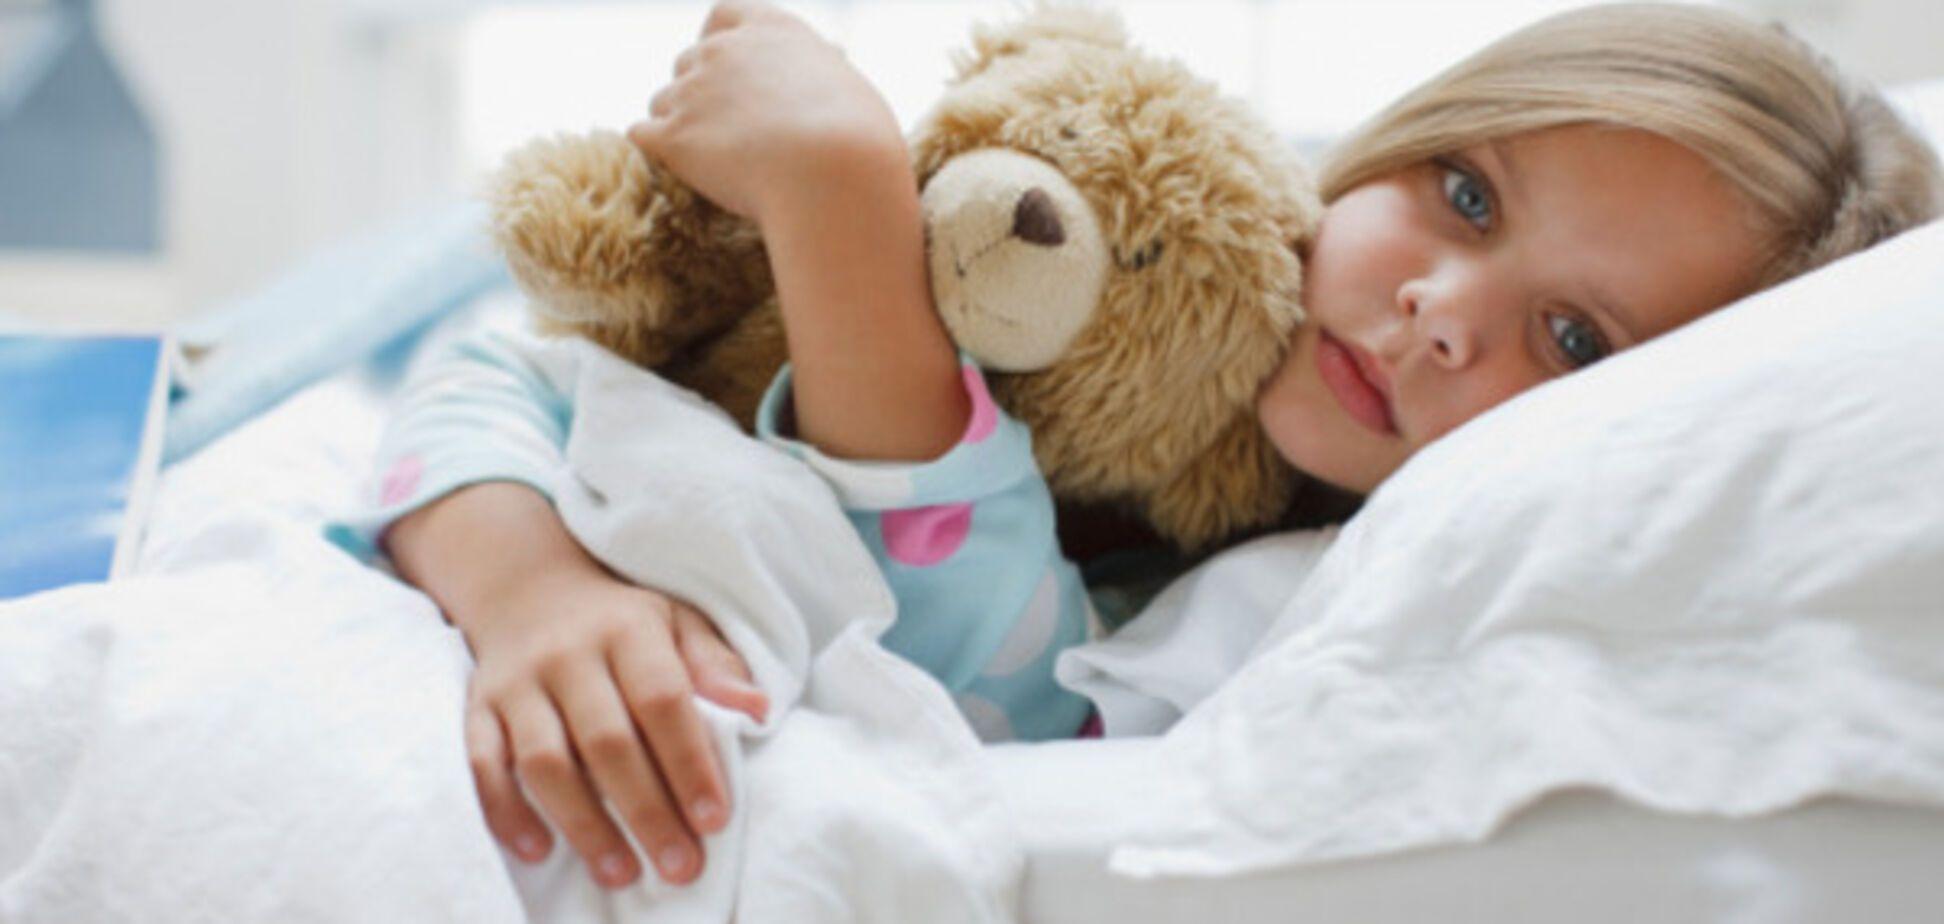 Доктор Комаровский рассказал, свойственно ли детям скрывать свое плохое самочувствие